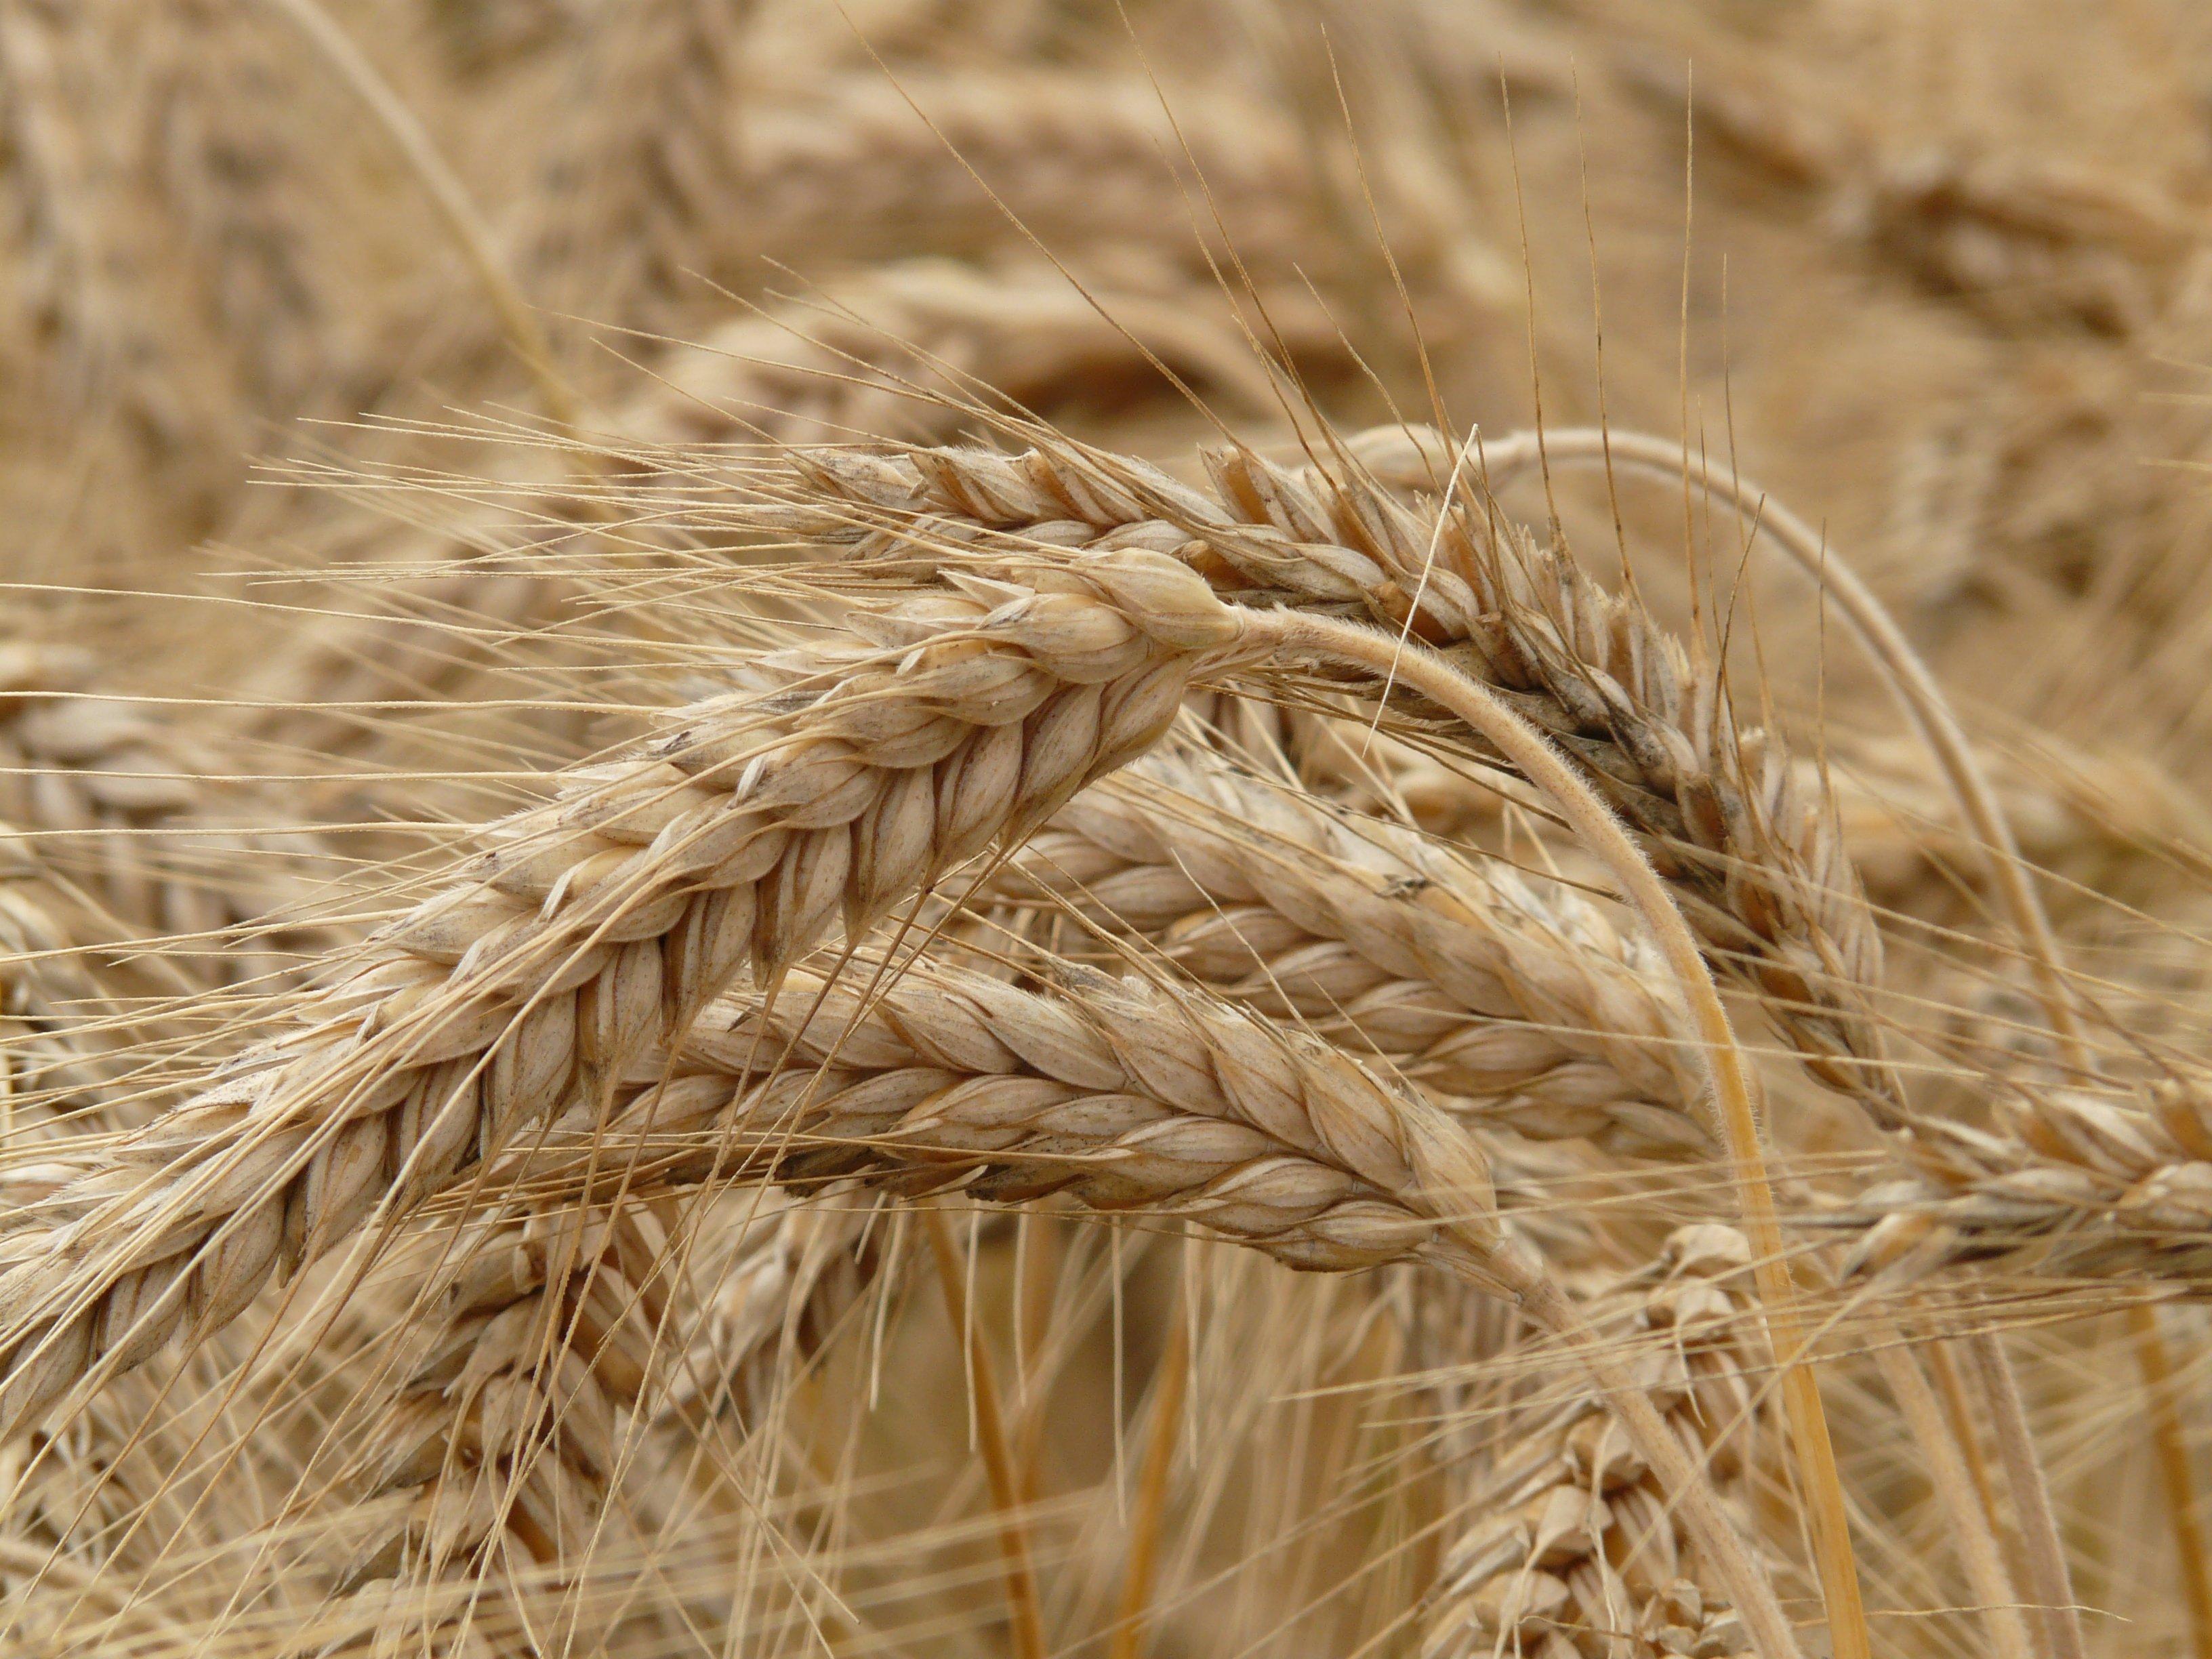 пляж, котором картинки пшеница ячмень рожь интерьере вовсе сводятся